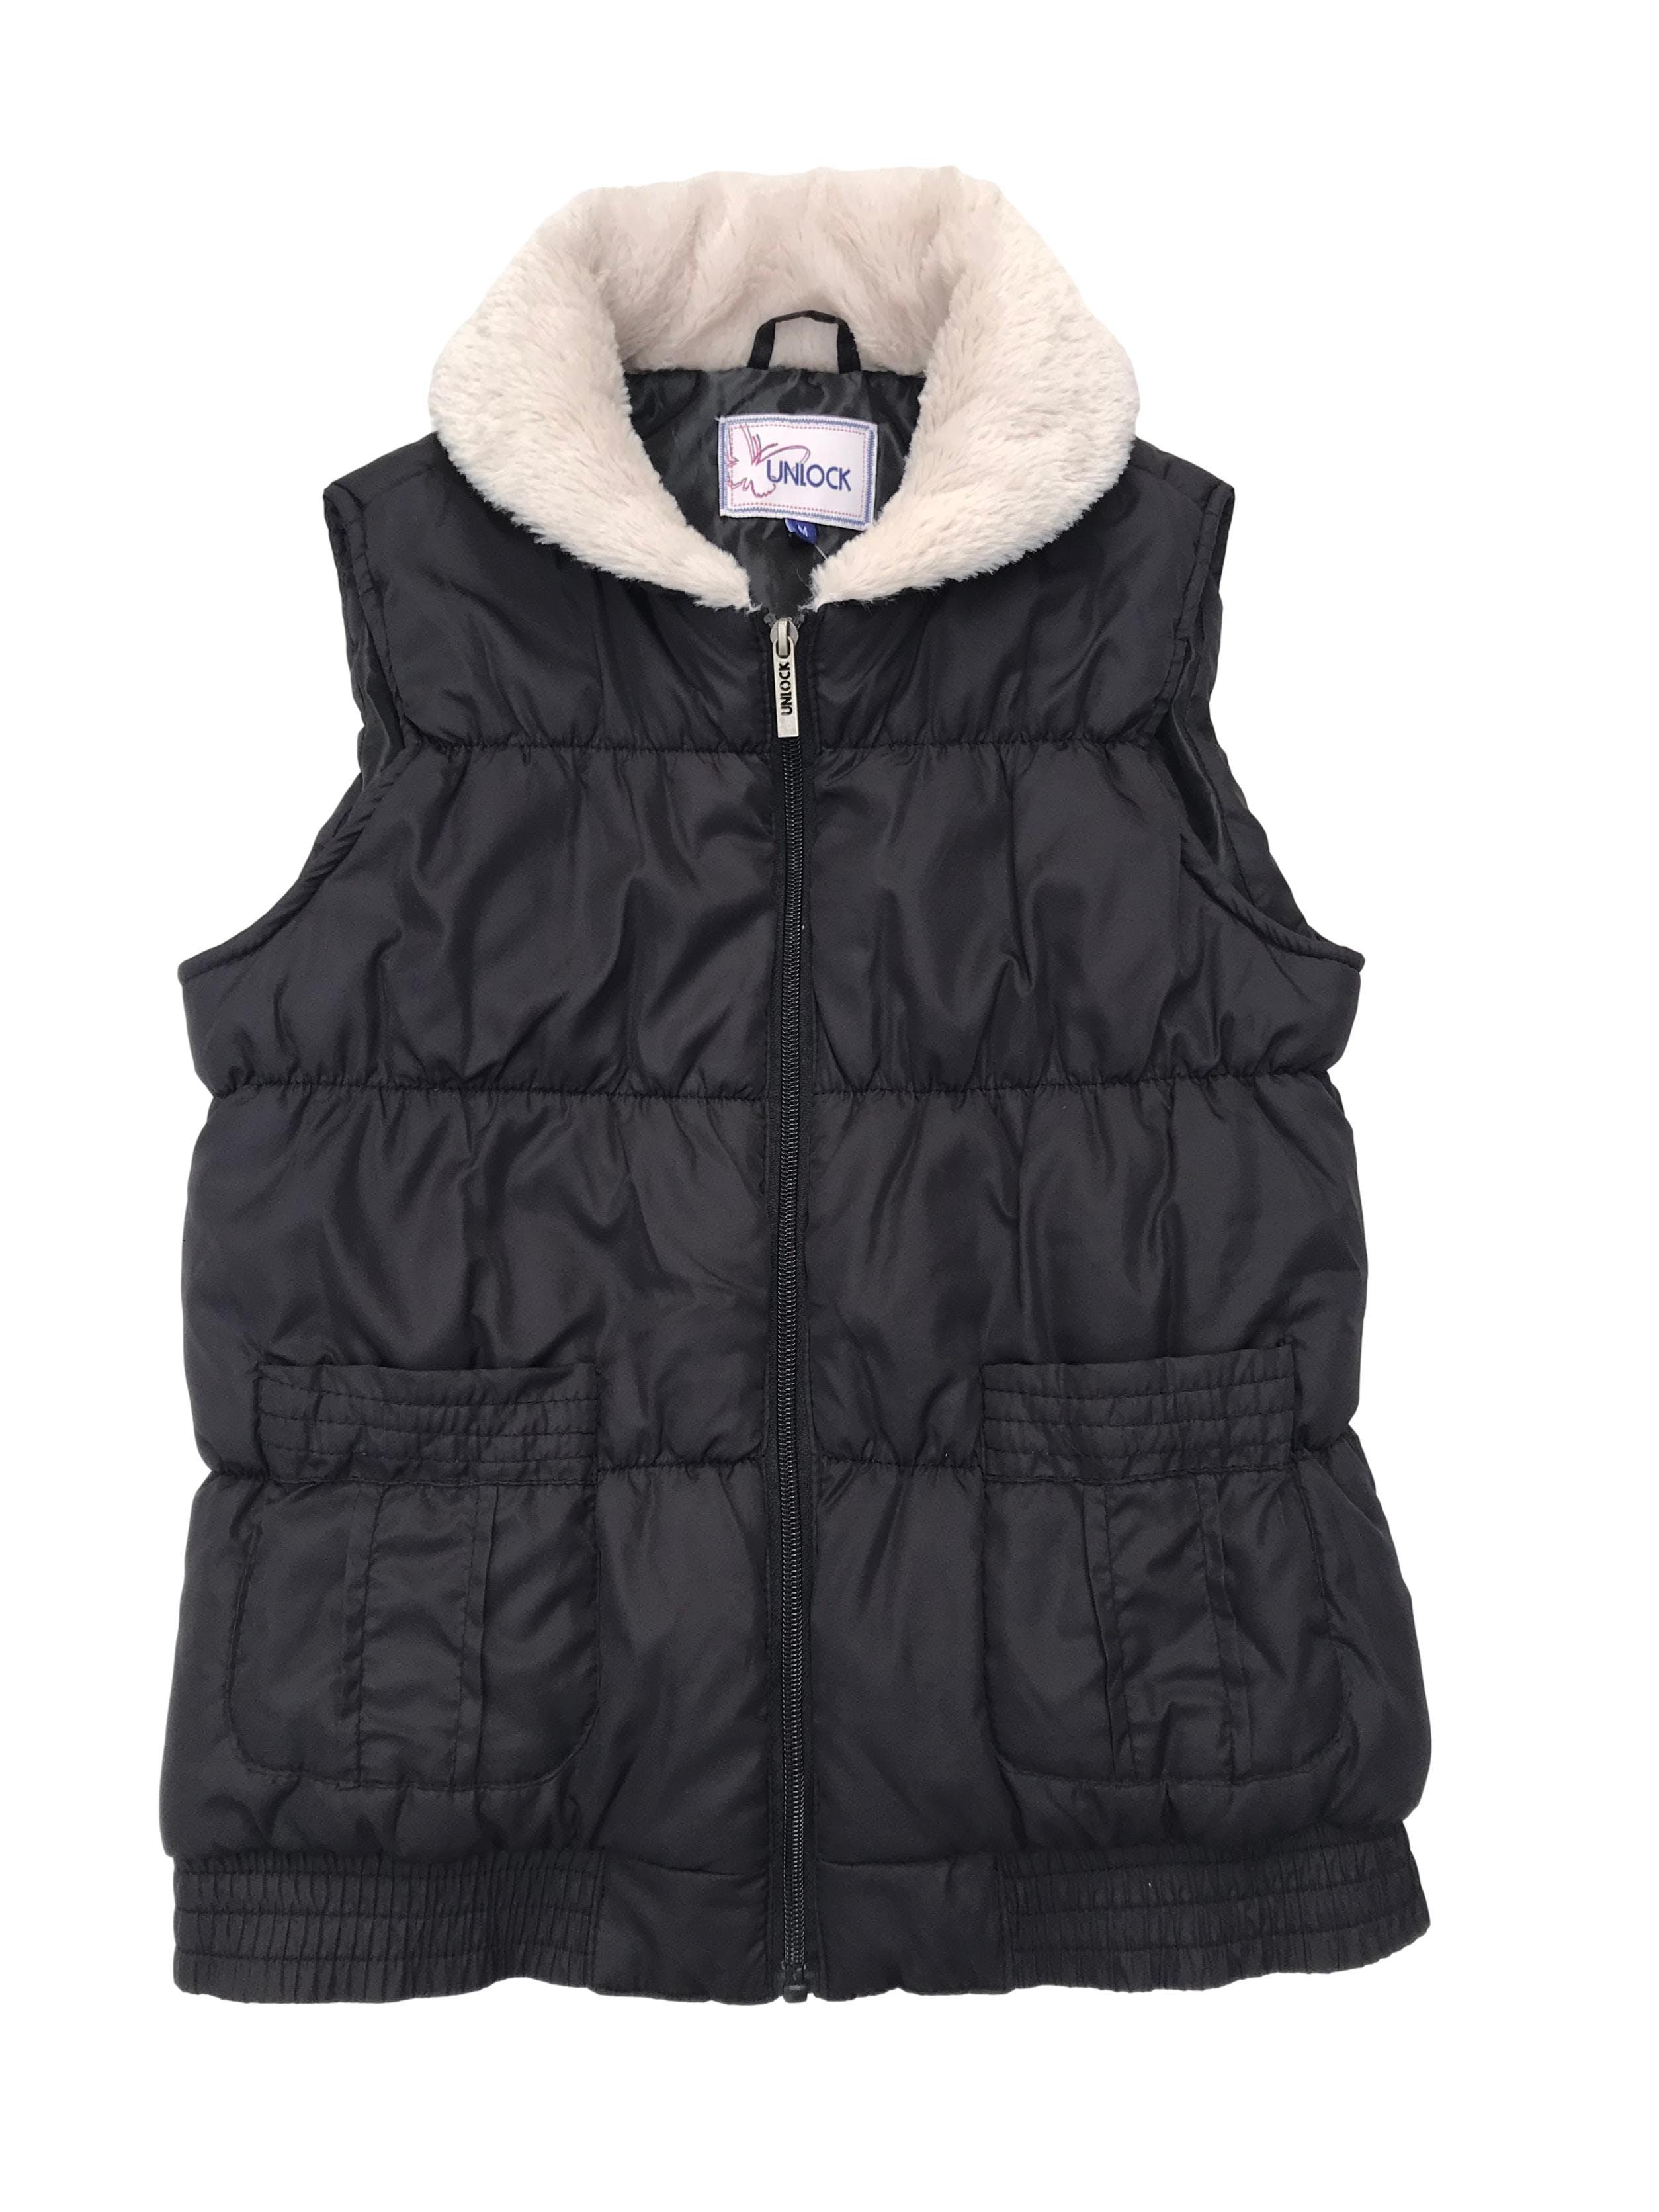 Chaleco acolchado negro con cuello de peluche crema, lleva cierre y bolsillos delanteros. Busto 100cm Largo 54cm